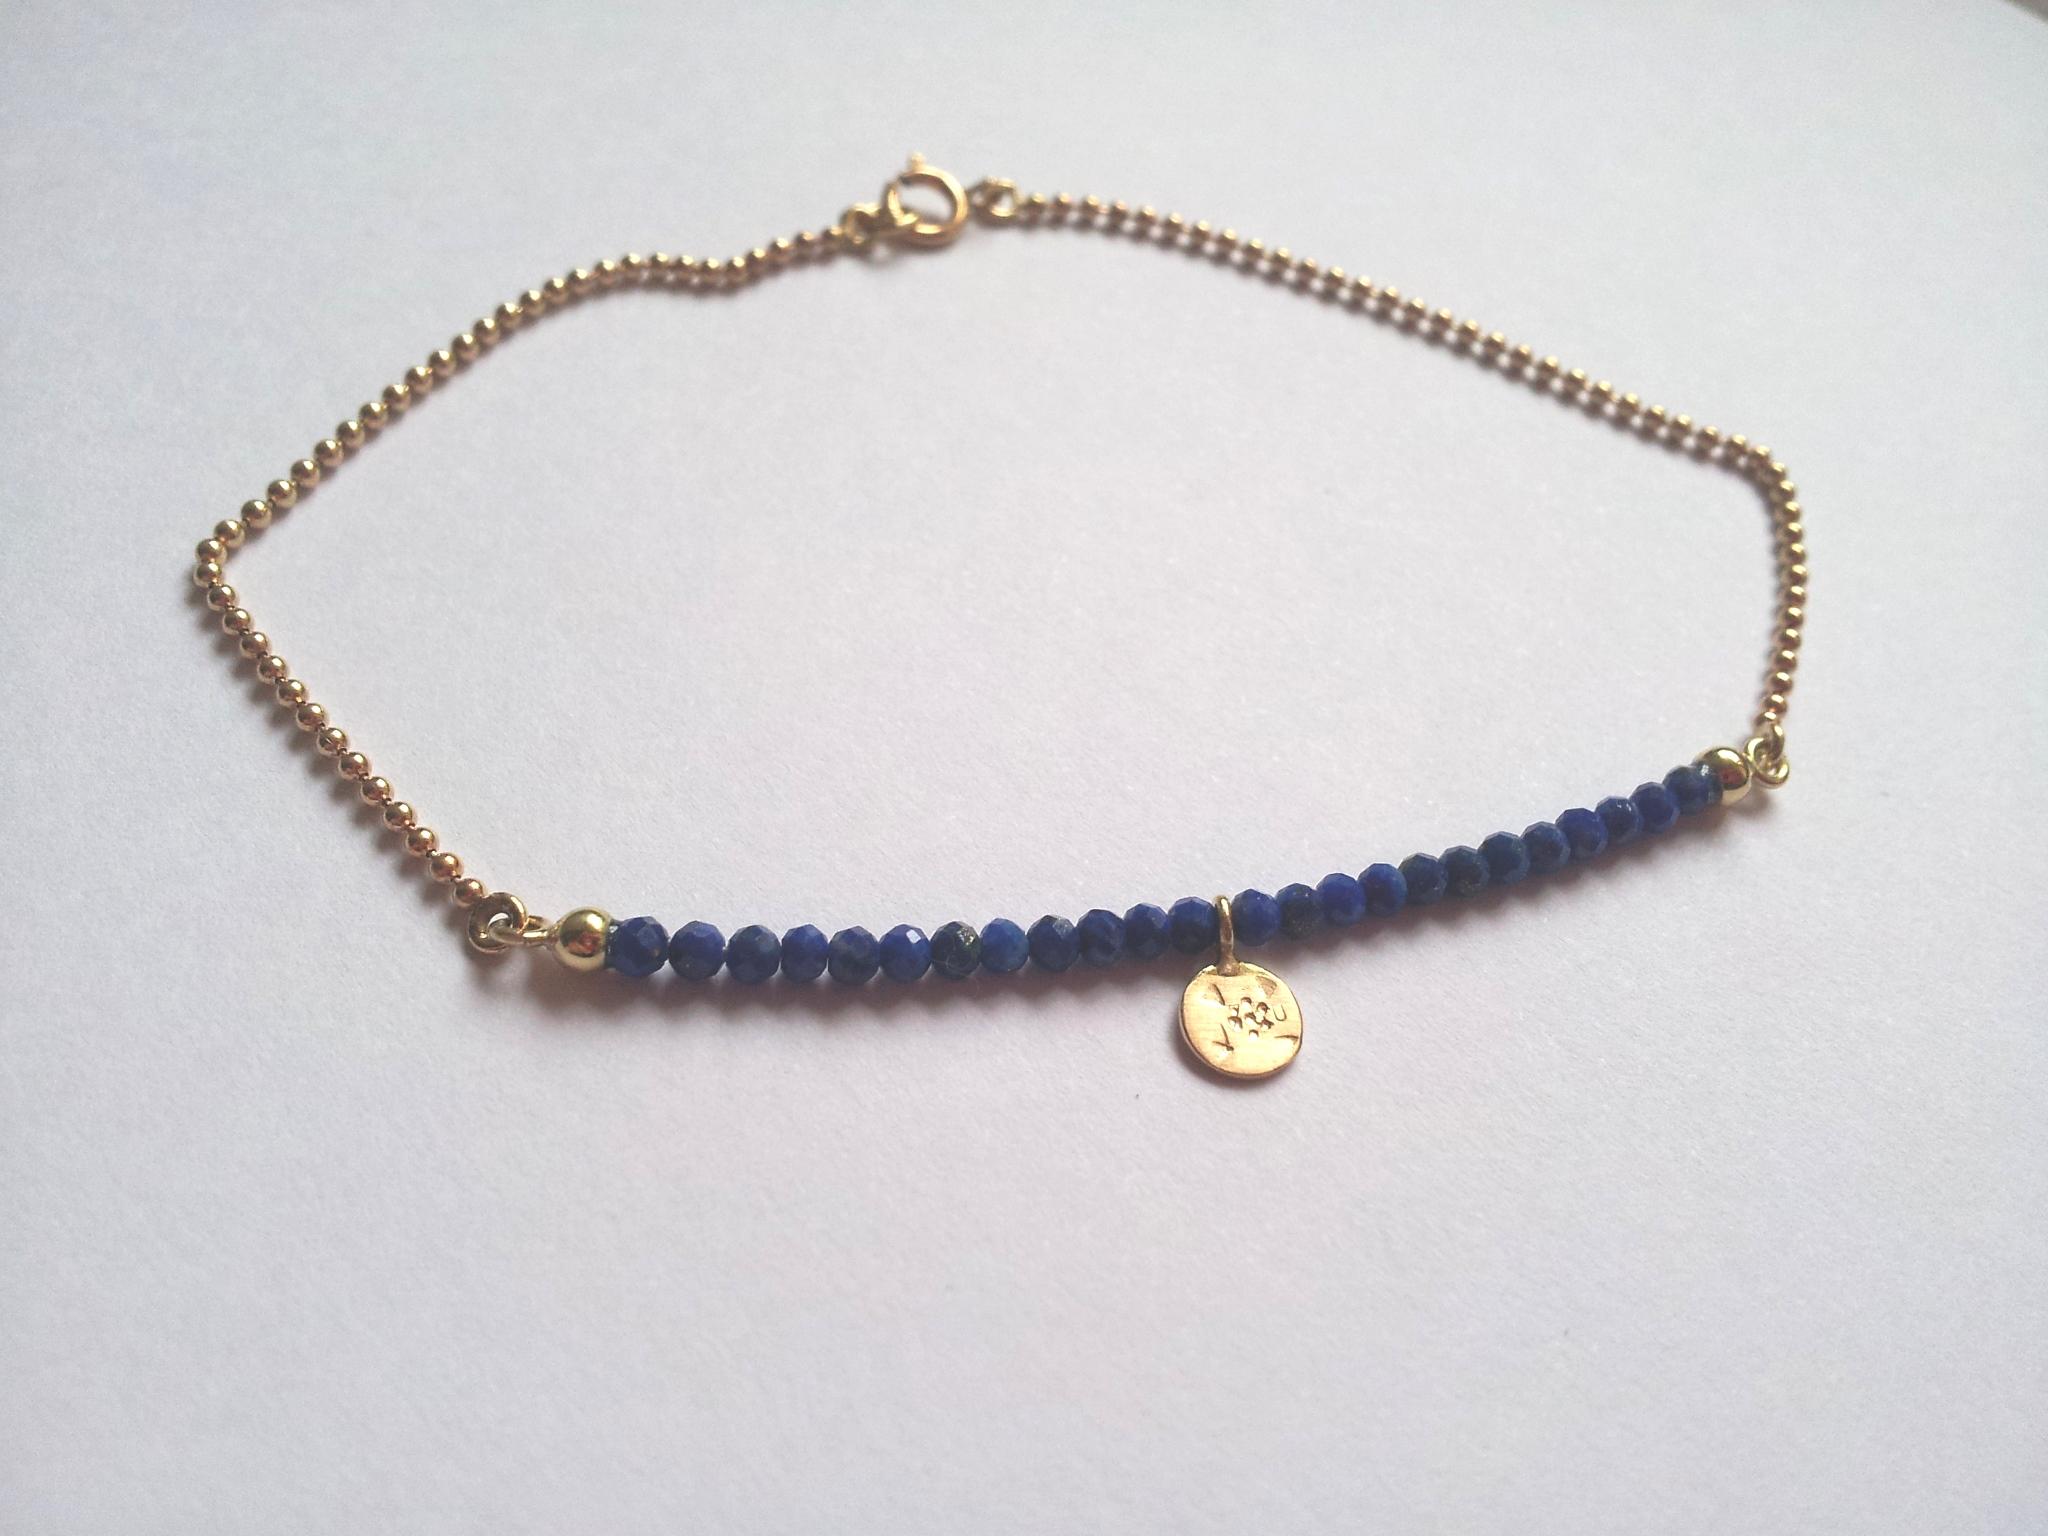 Armkette in Gelbgold 750 mit Lapislazuli